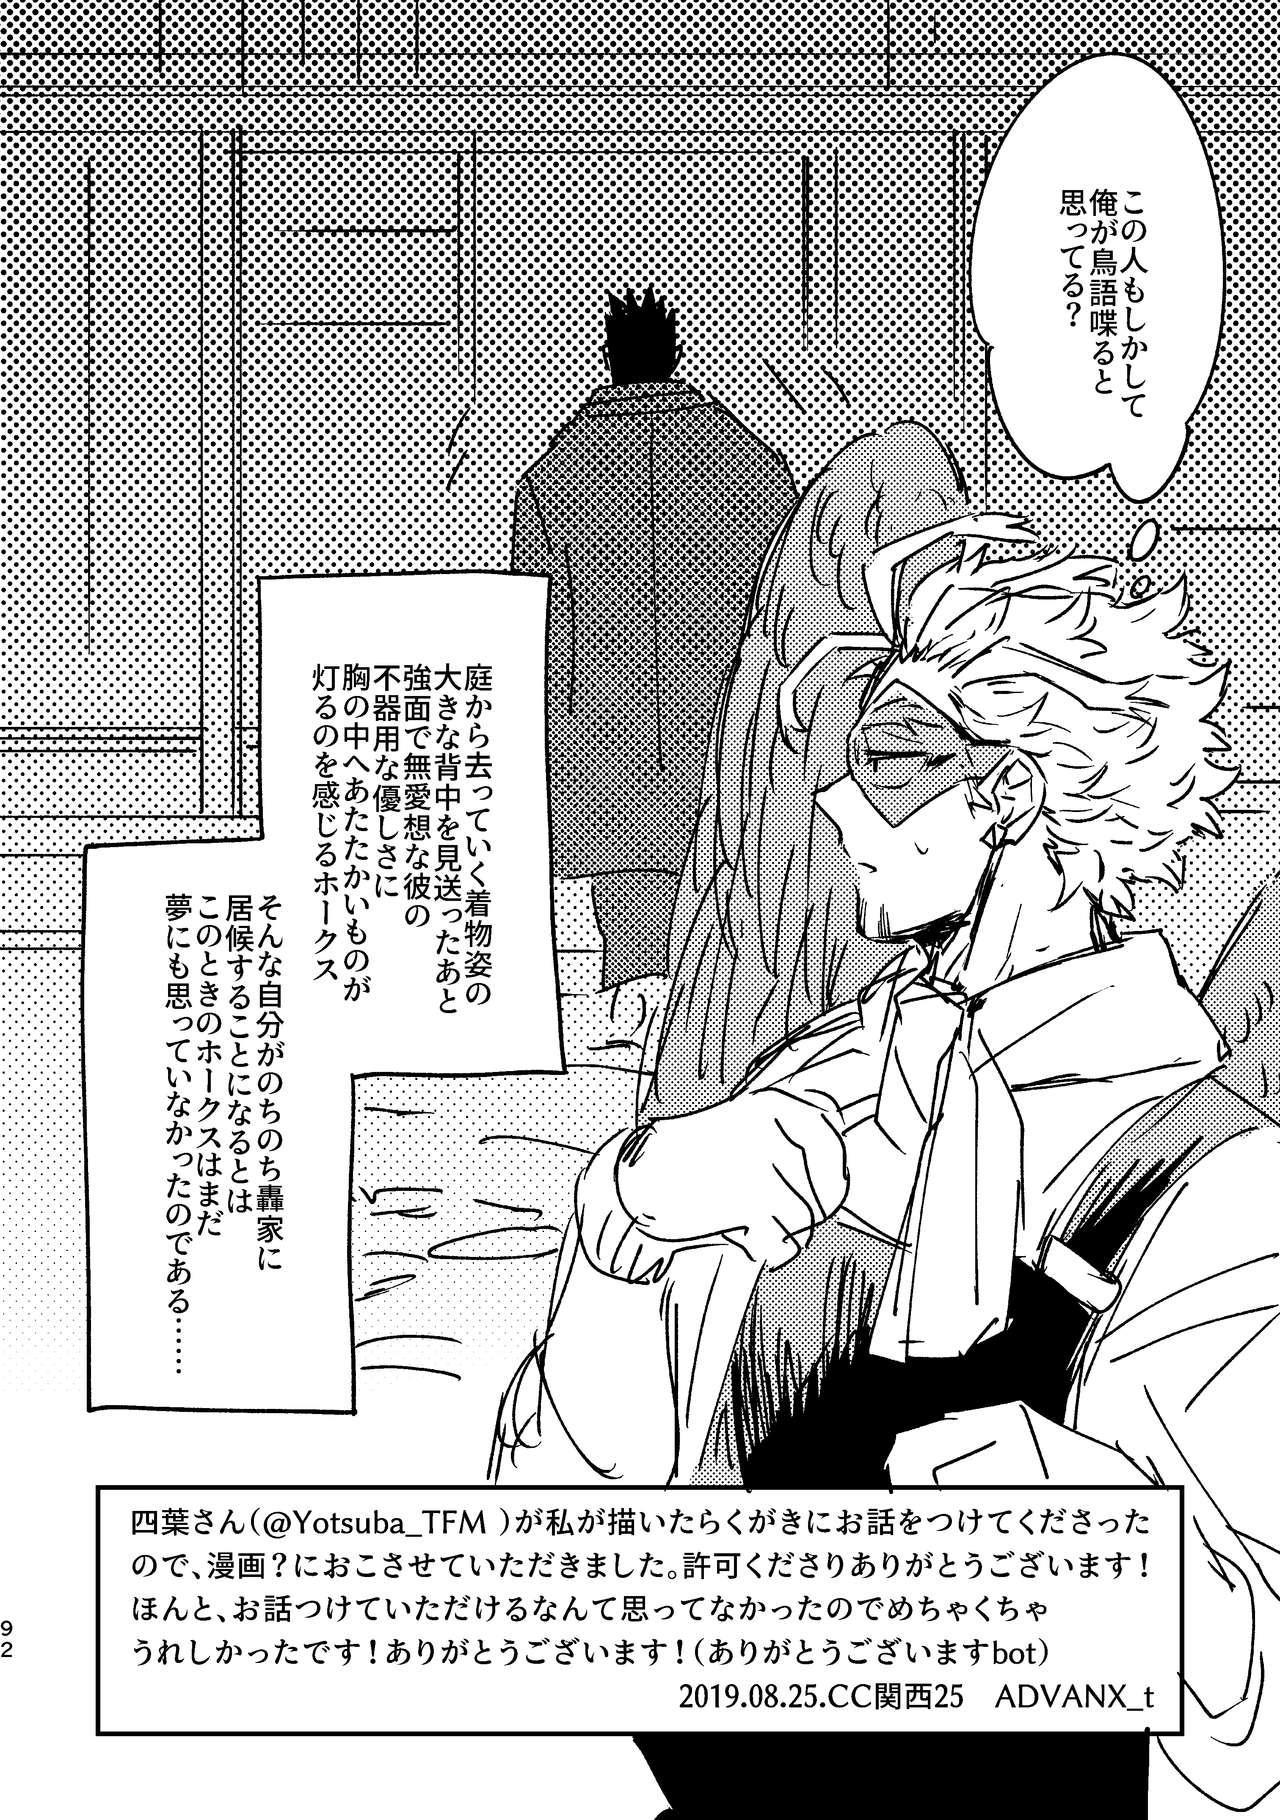 WEB Sairoku Zumi HawEn Manga ga Kami demo Yomeru Hon. 91